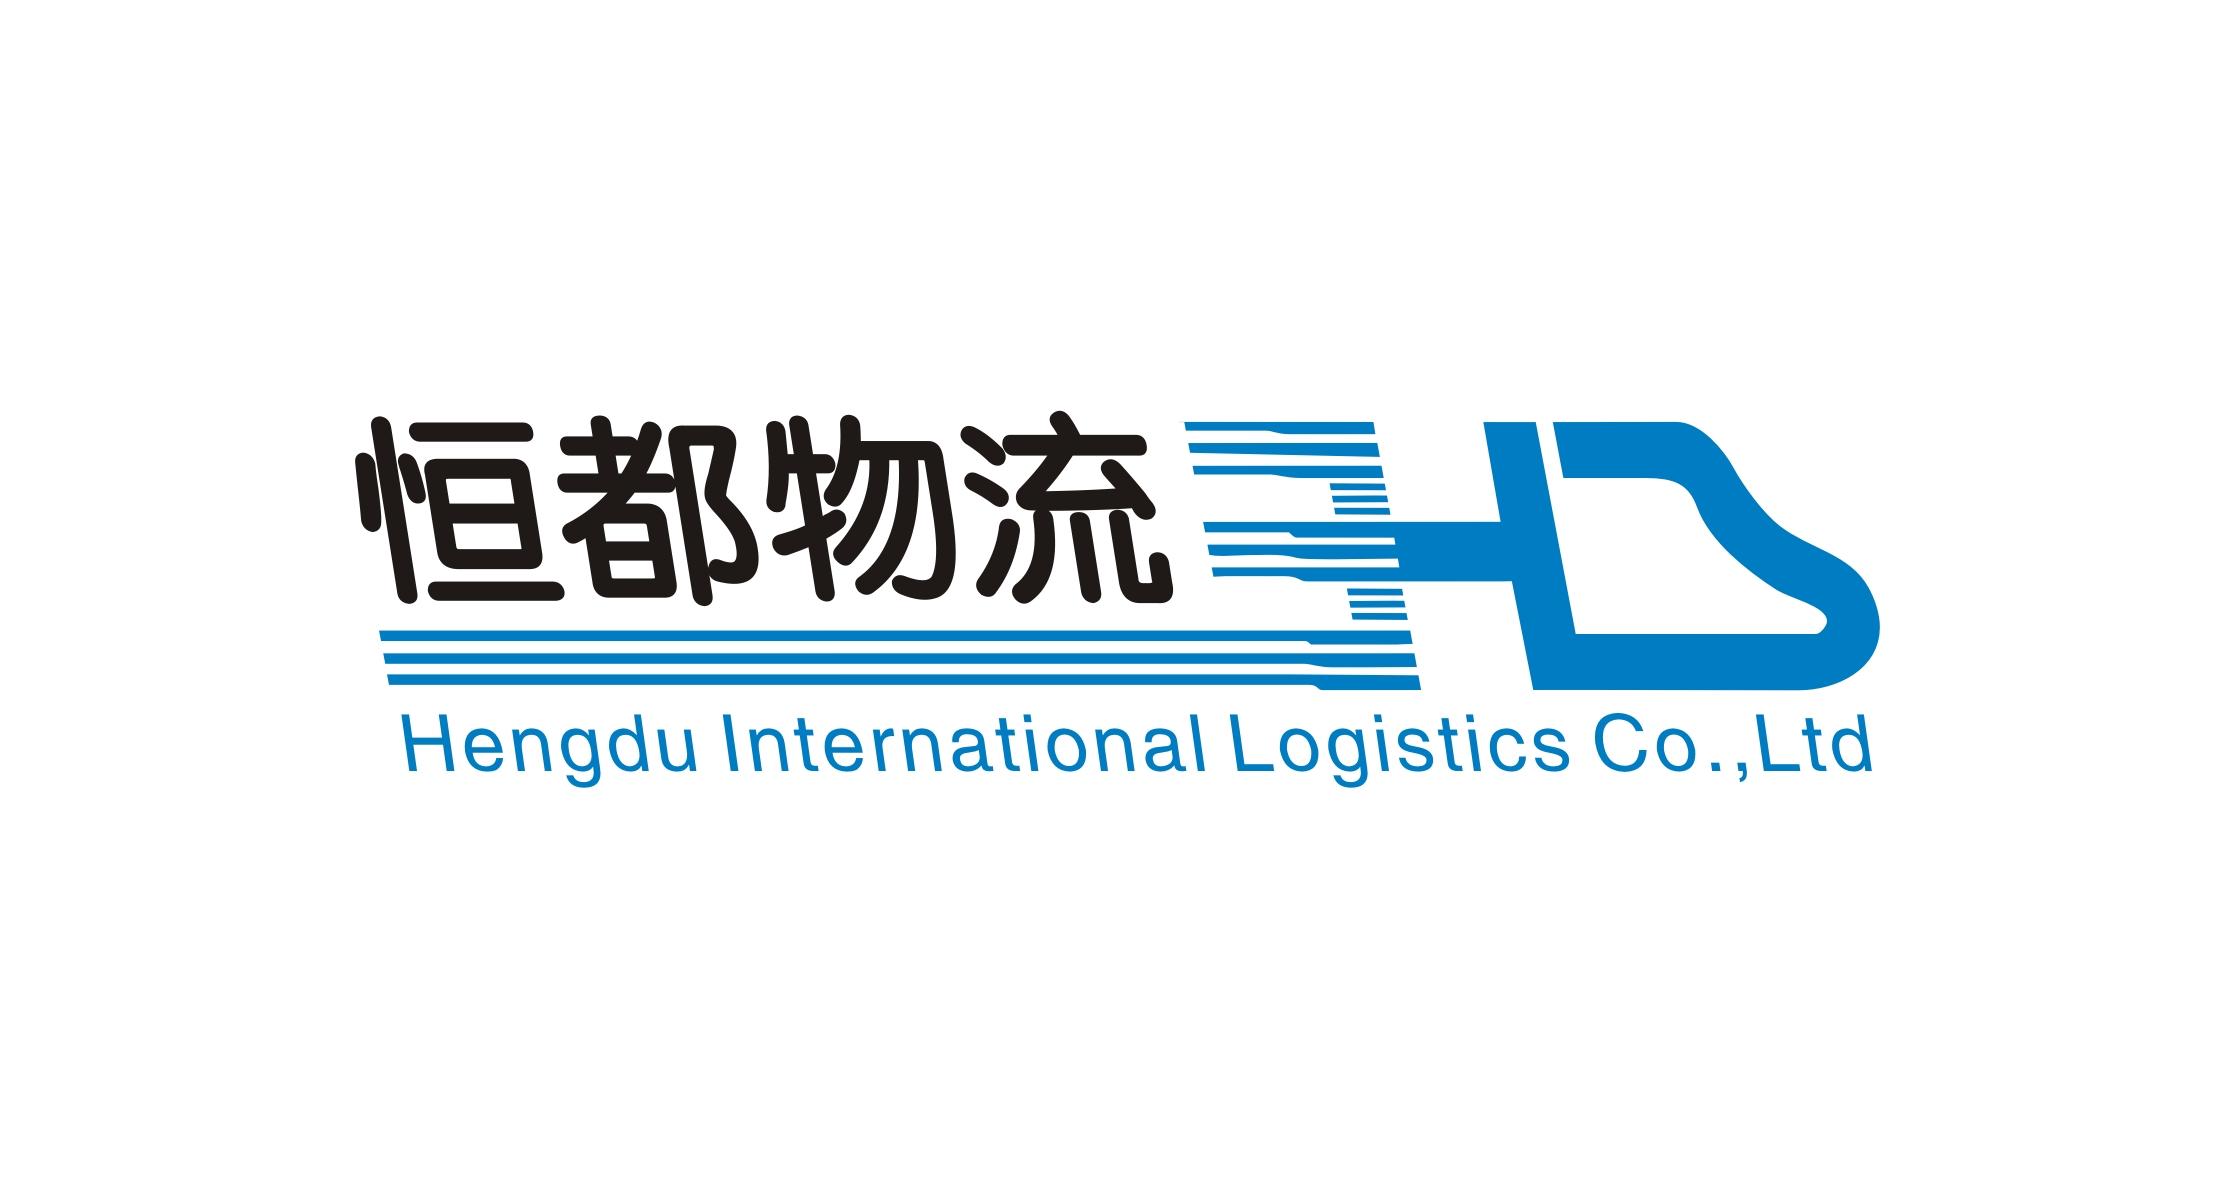 上海恒都国际物流有限公司logo和名片设计